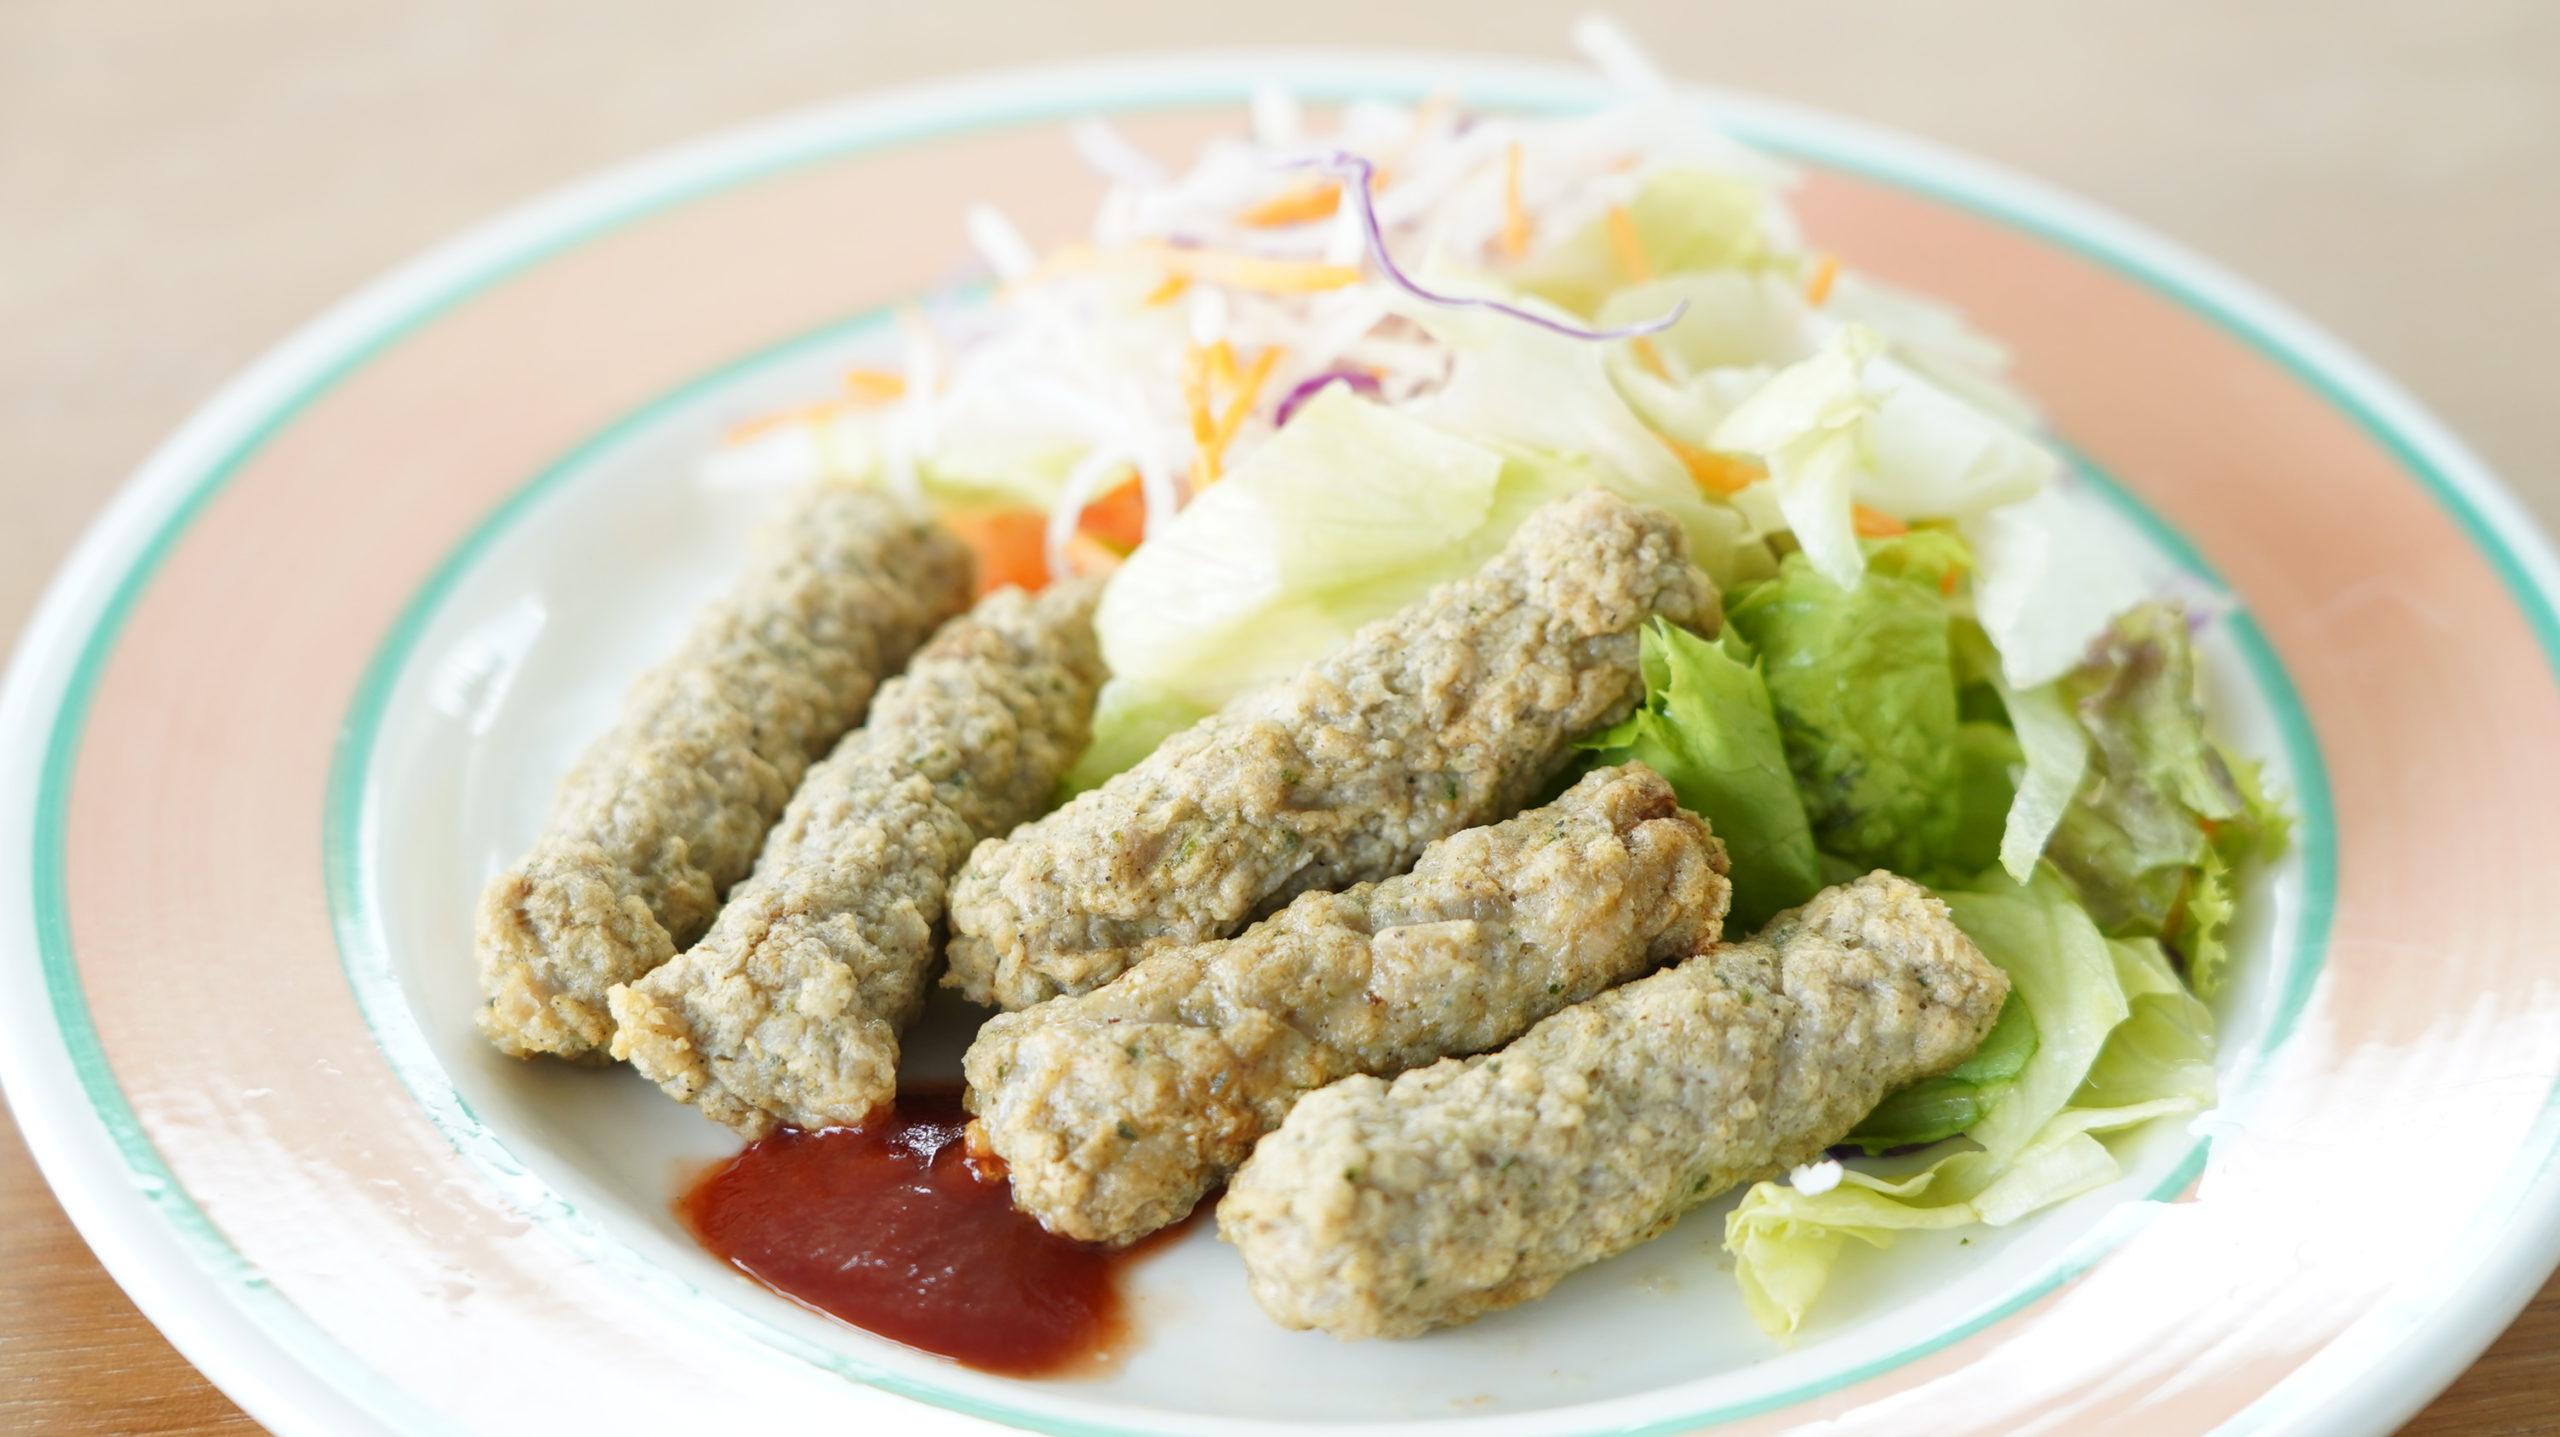 コストコのおすすめ冷凍食品「ジョーンズ デイリーファーム チキンリンクス」を盛り付けた写真